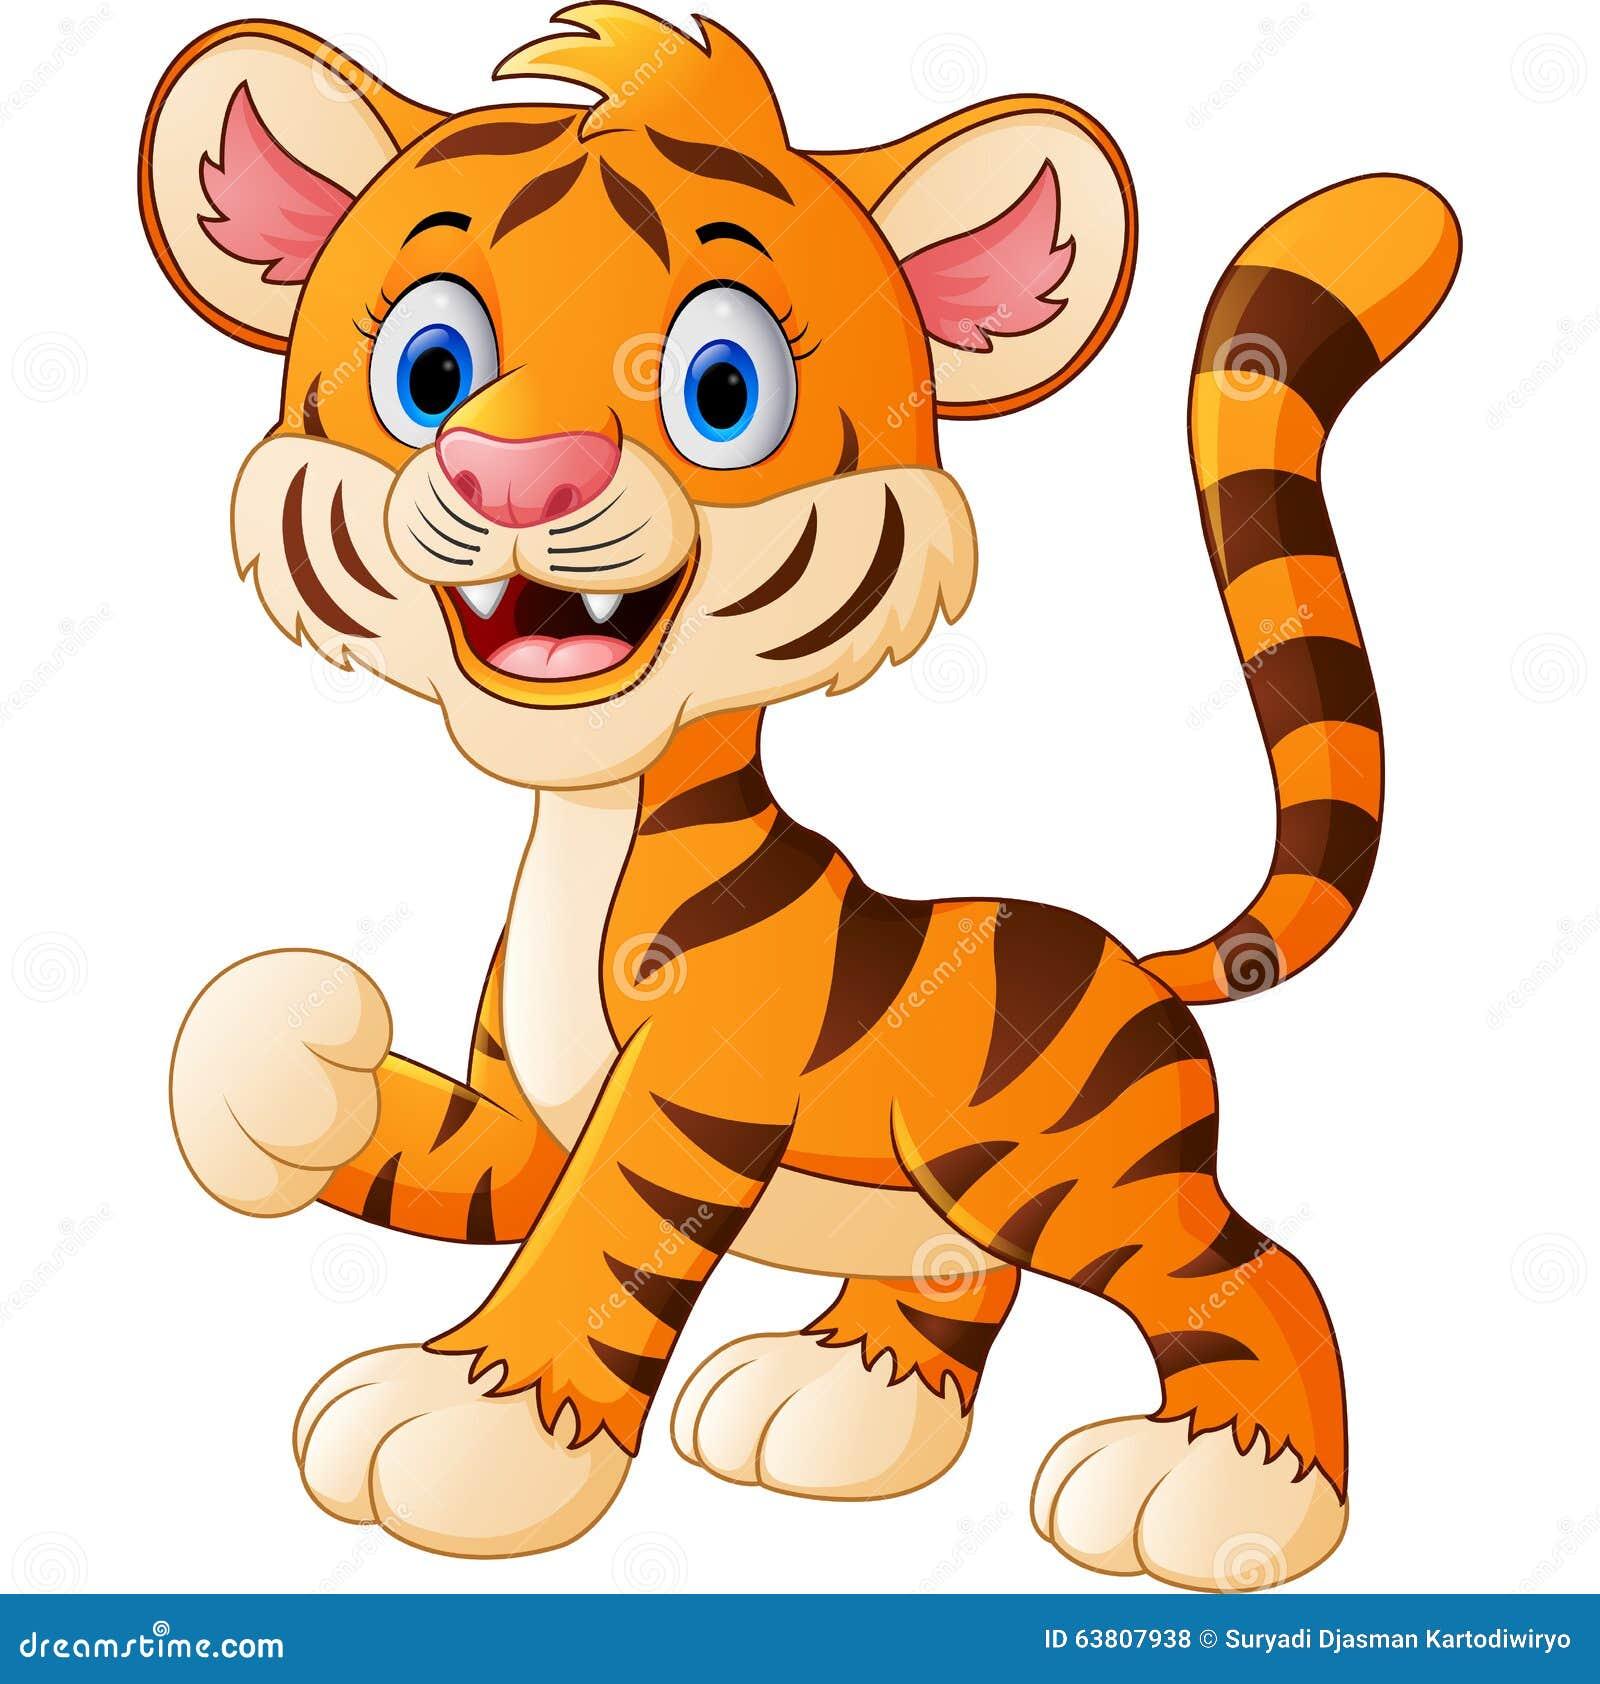 Baby tiger realistic cartoon